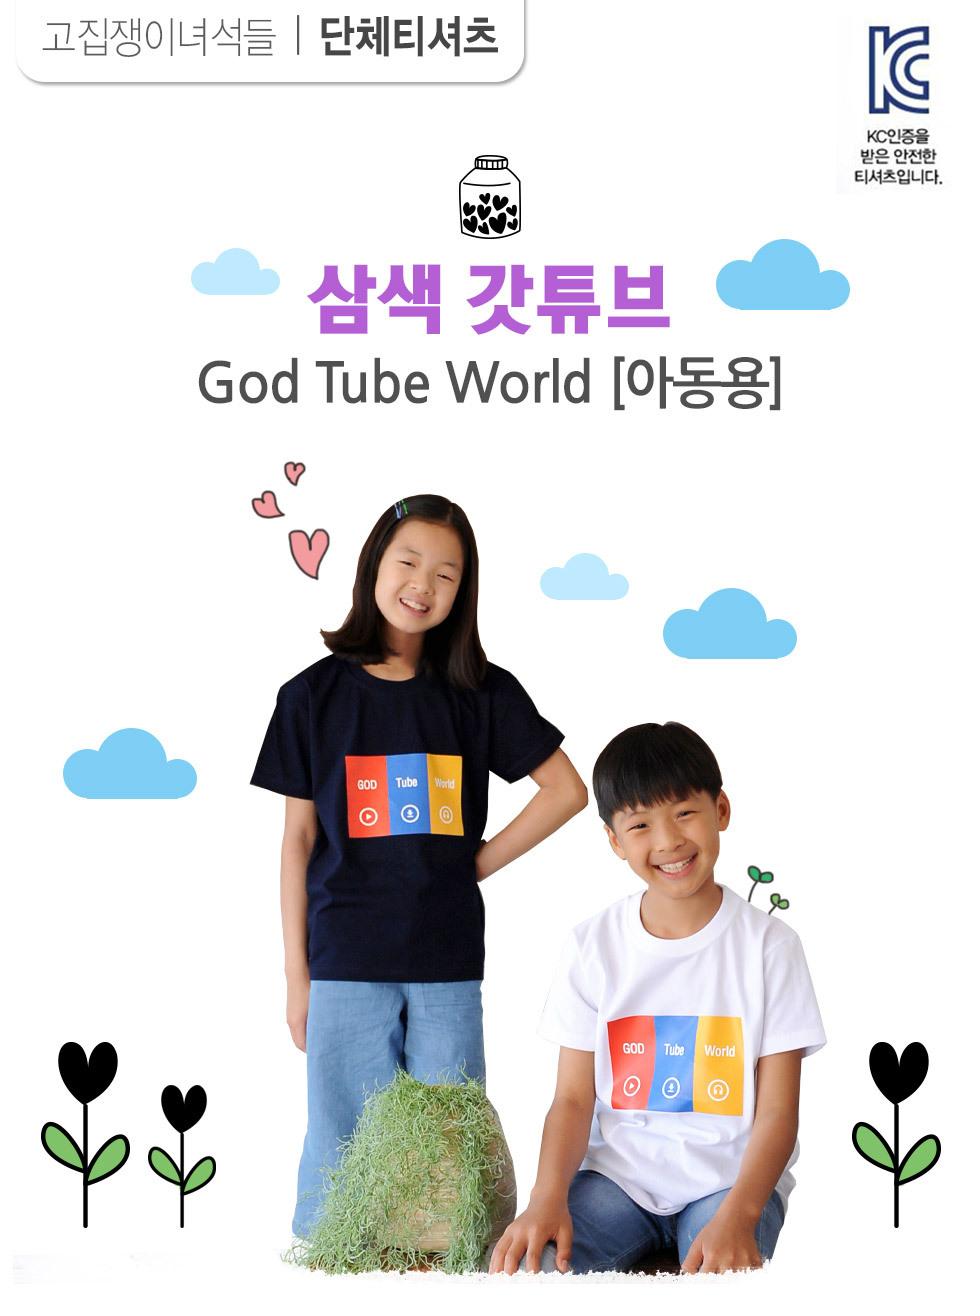 교회단체티 God Tube World 삼색갓튜브 아동용 intro